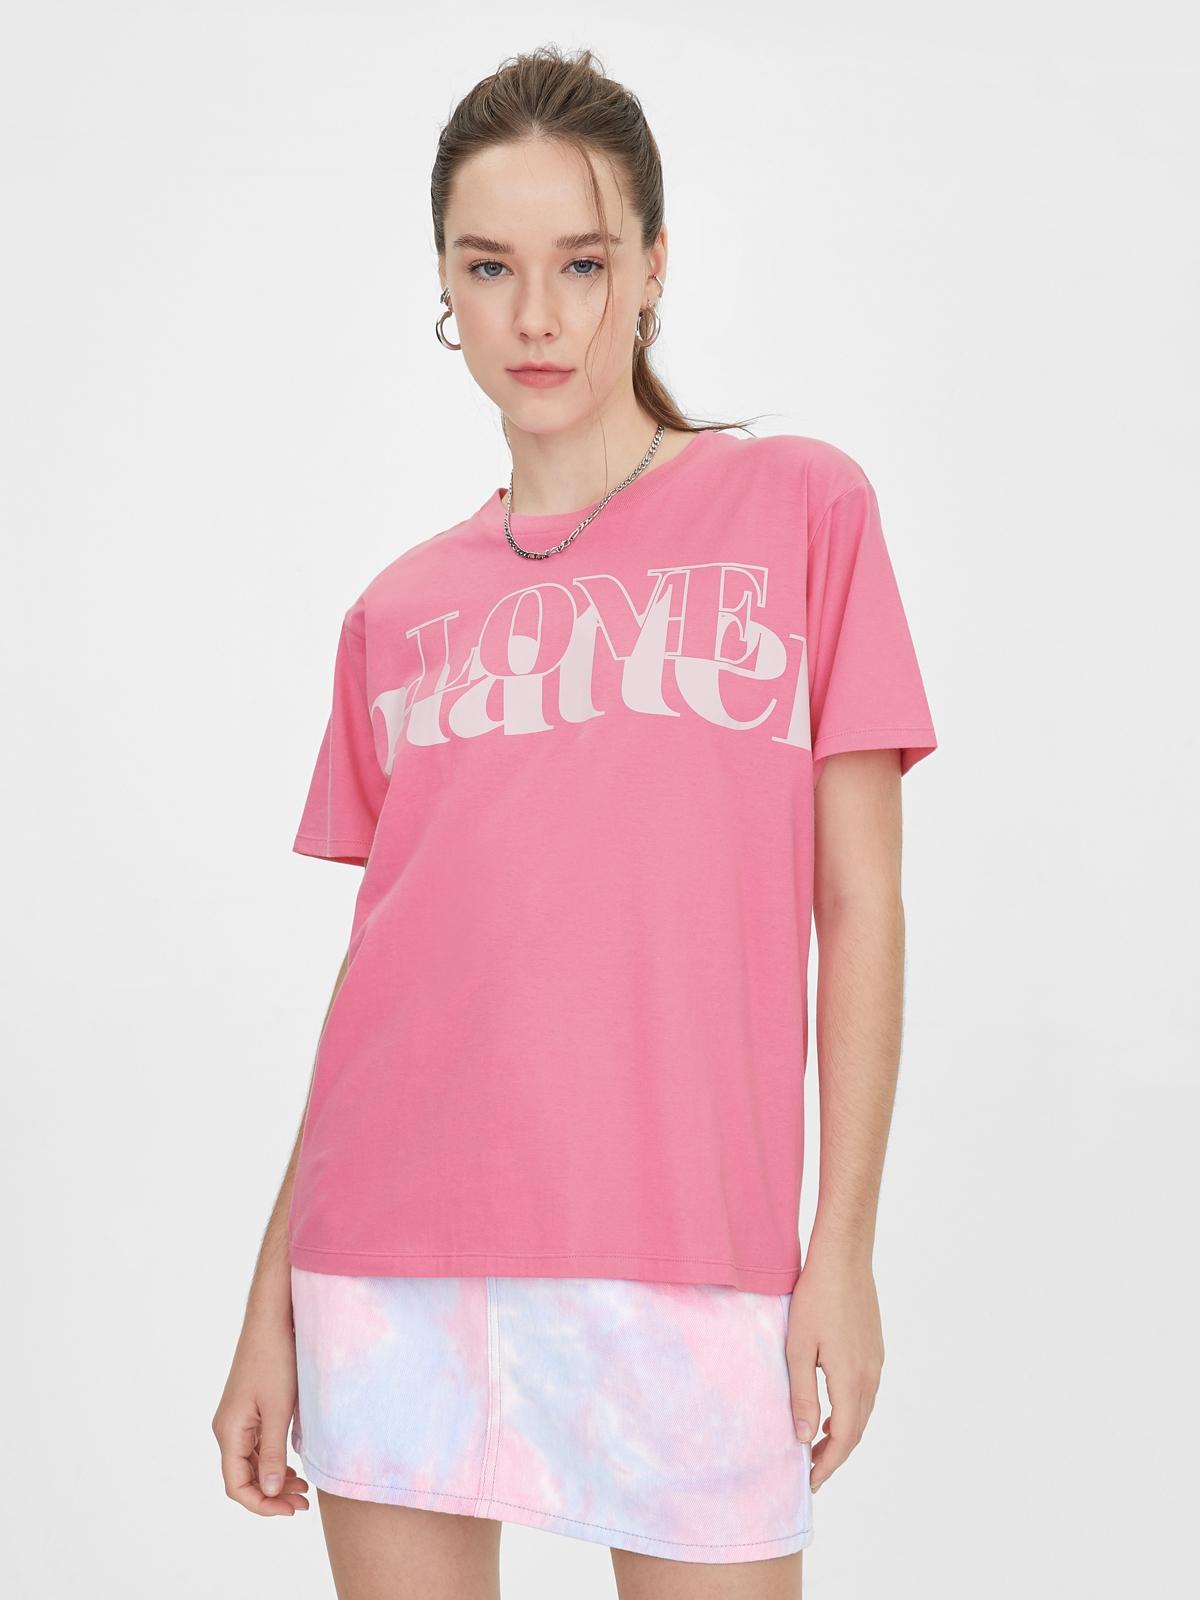 Matter Makers Love Matter TShirt Pink